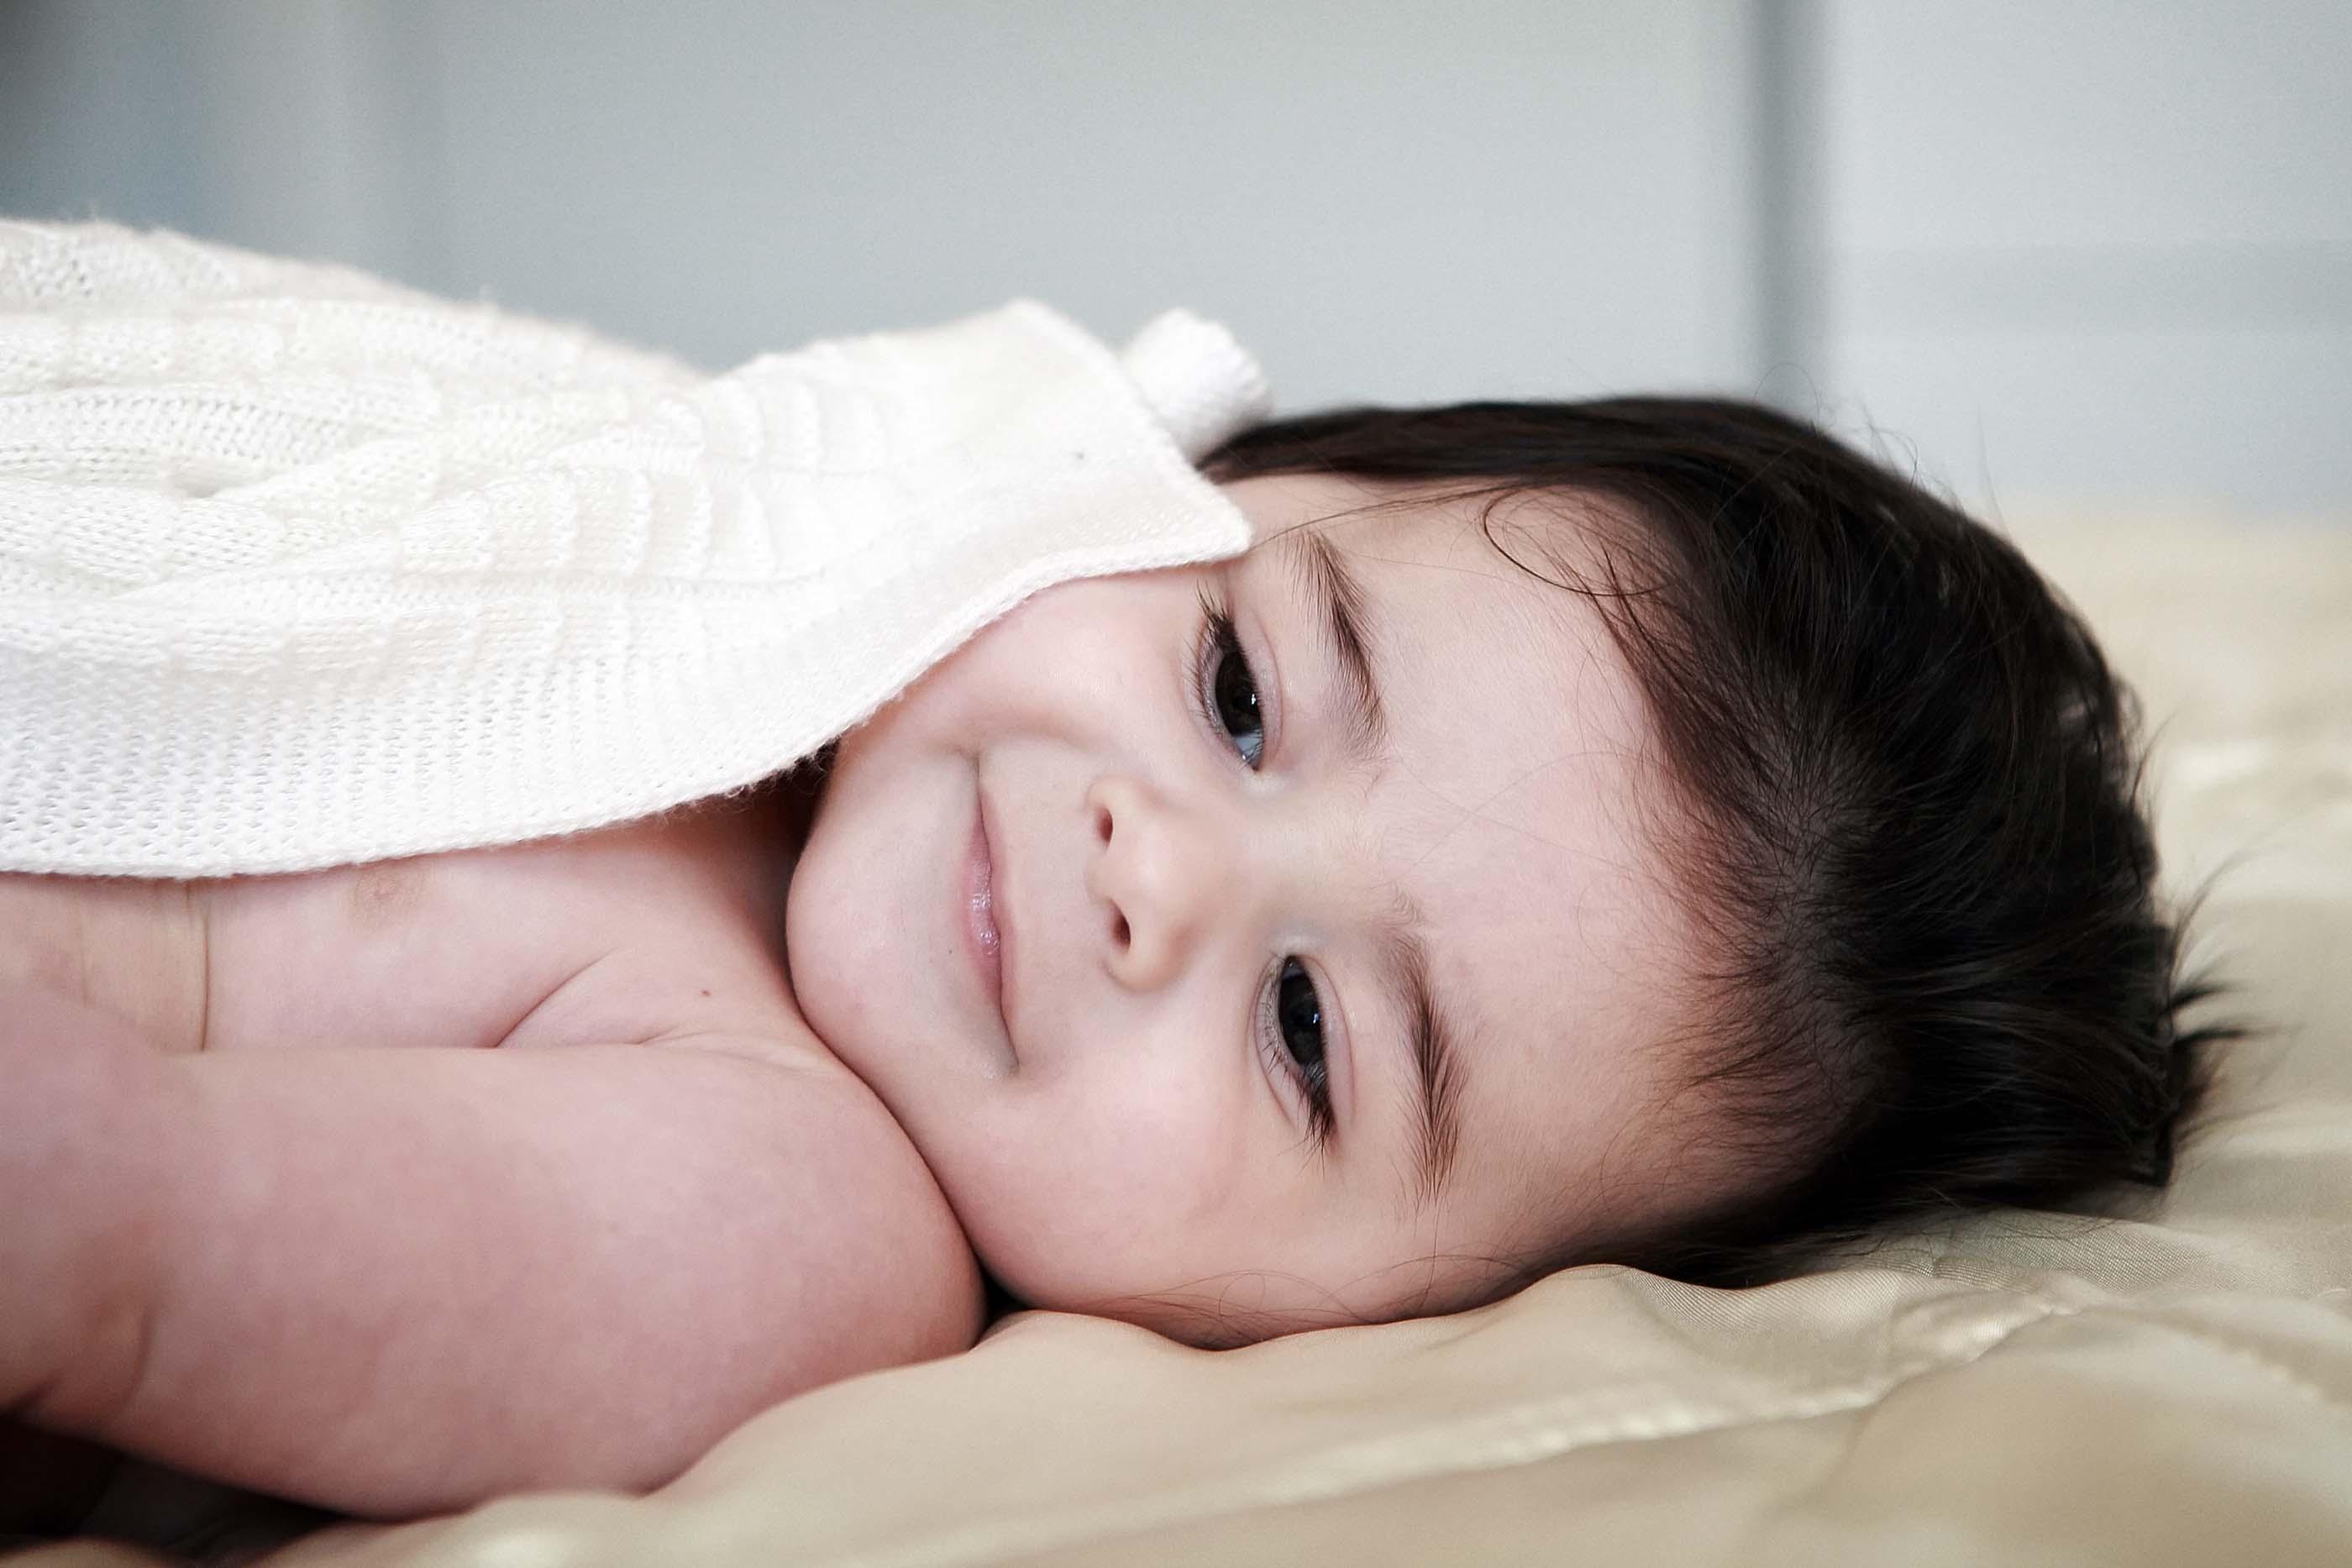 Idee Fotografiche Per Bambini : Idee regalo per la prima comunione u tiburno tv